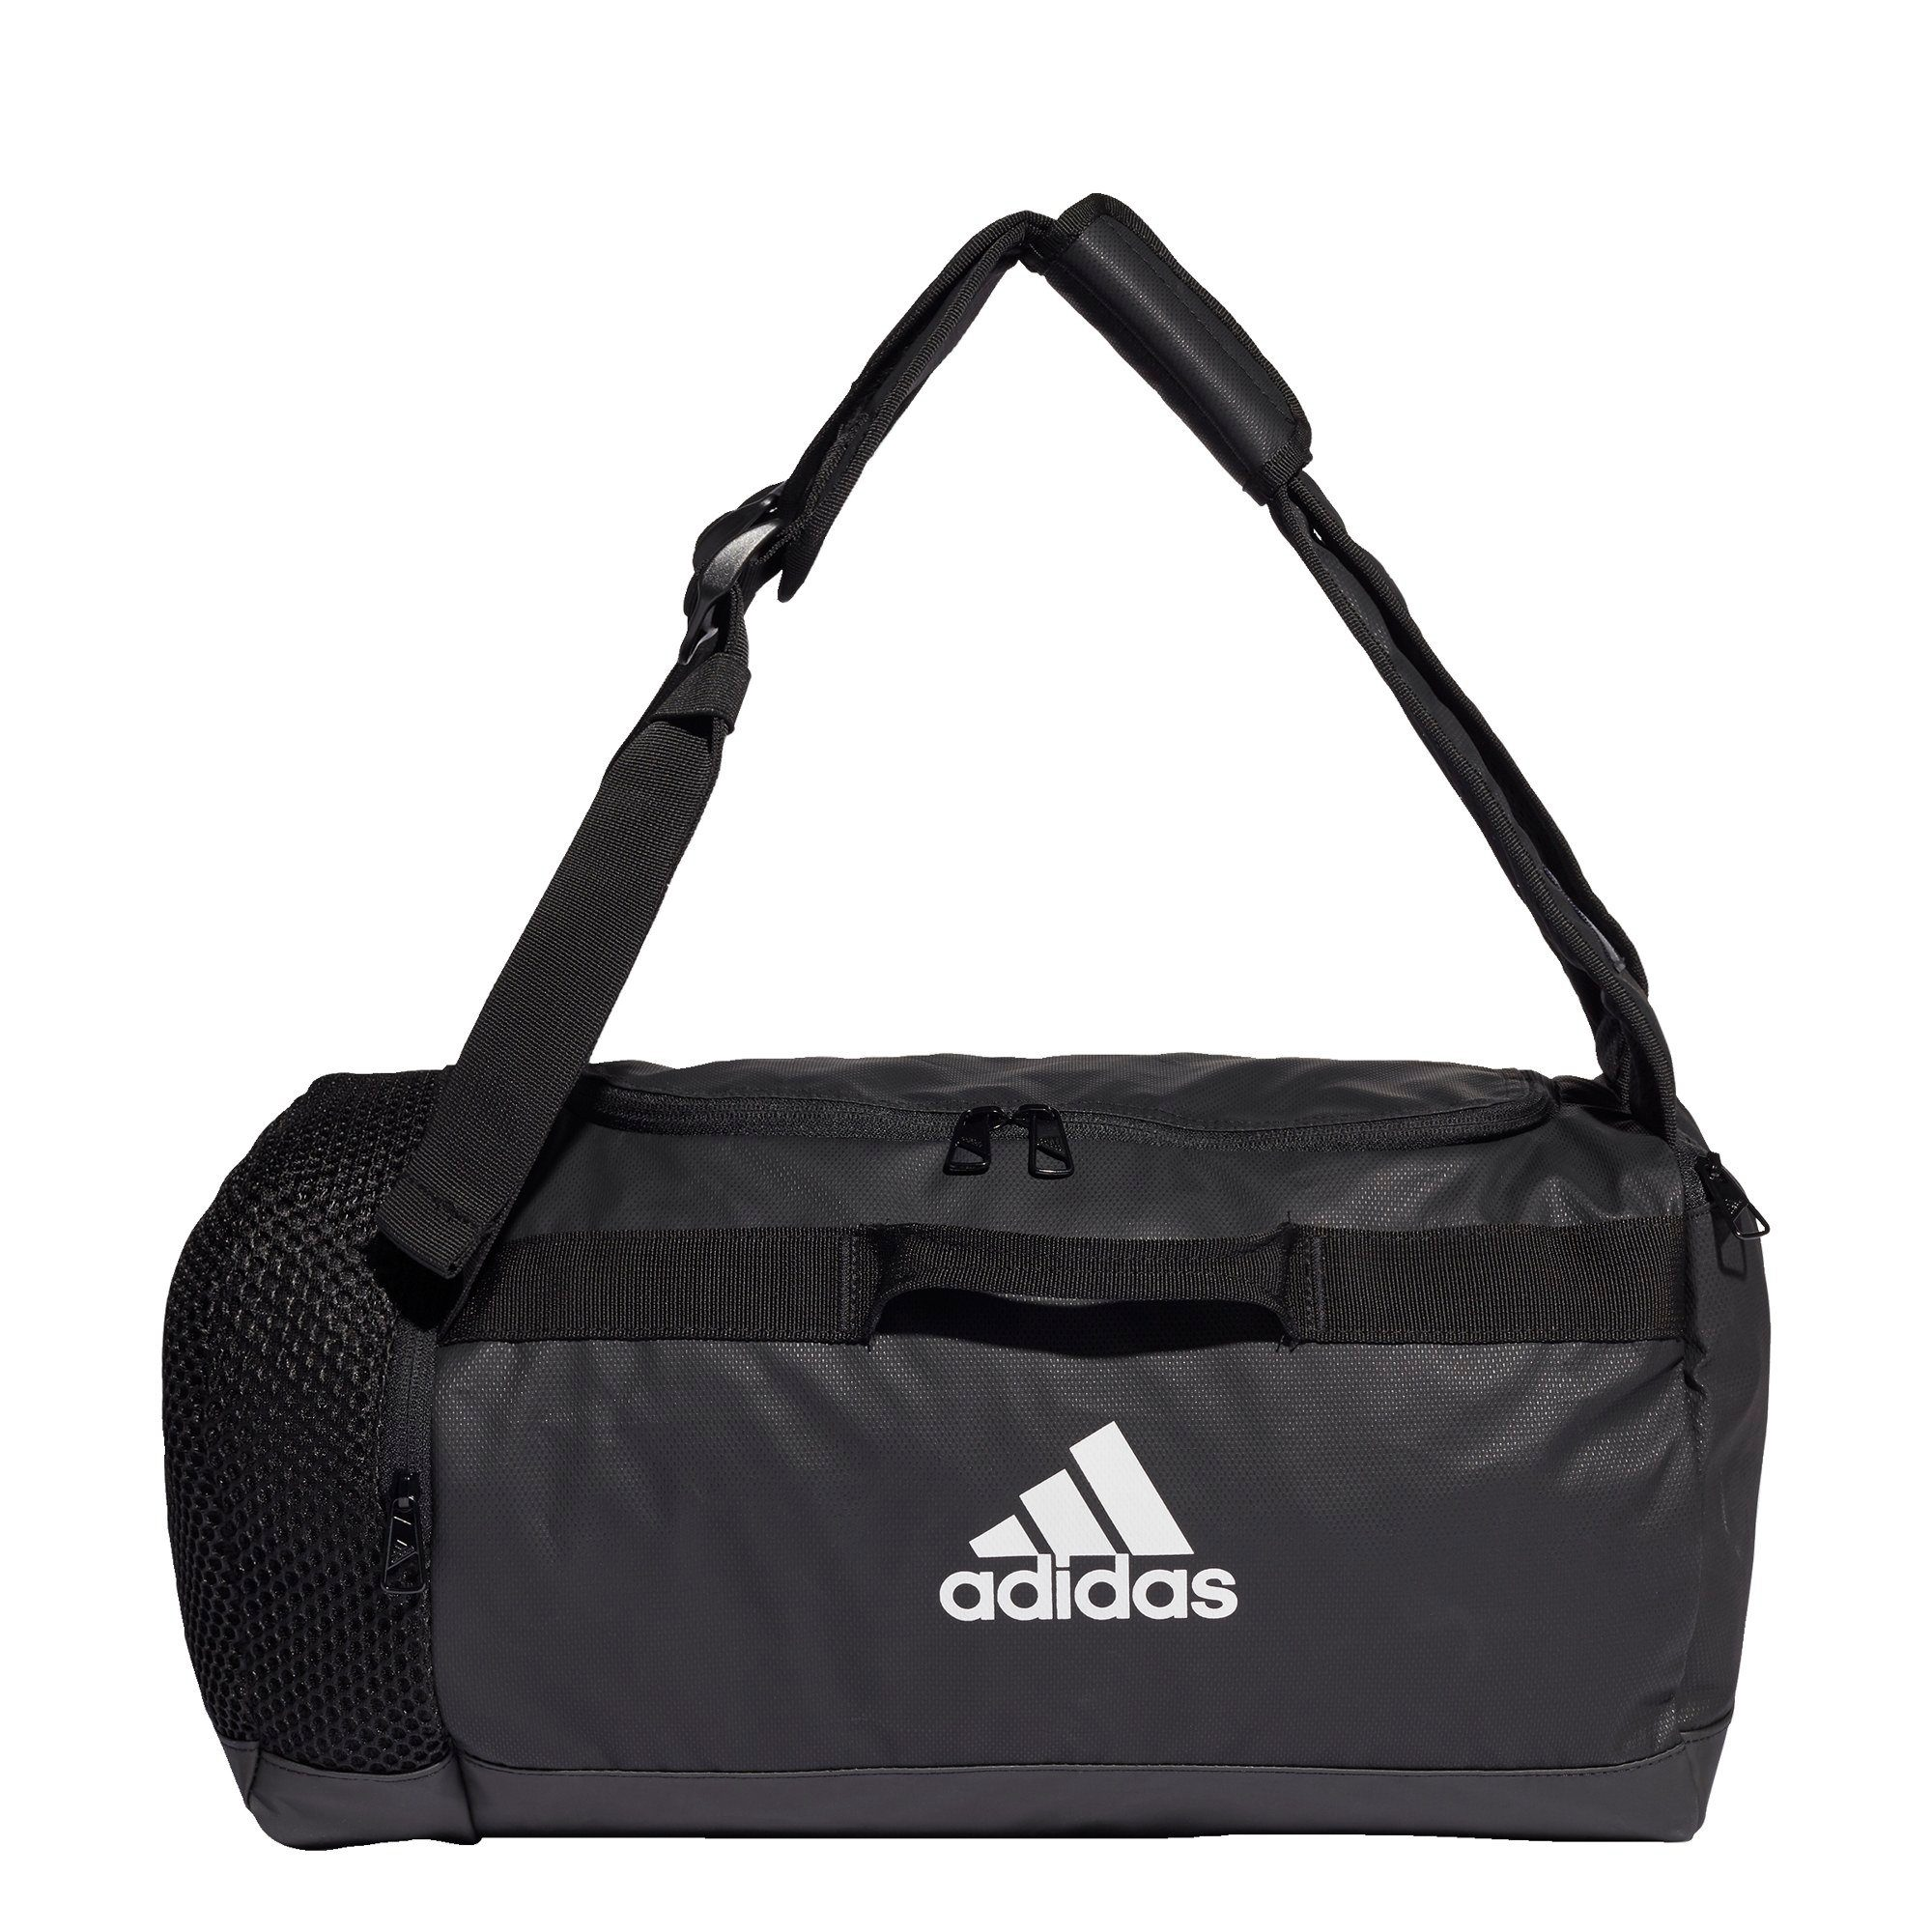 adidas Performance Sporttasche »4ATHLTS ID Duffelbag S« online kaufen   OTTO